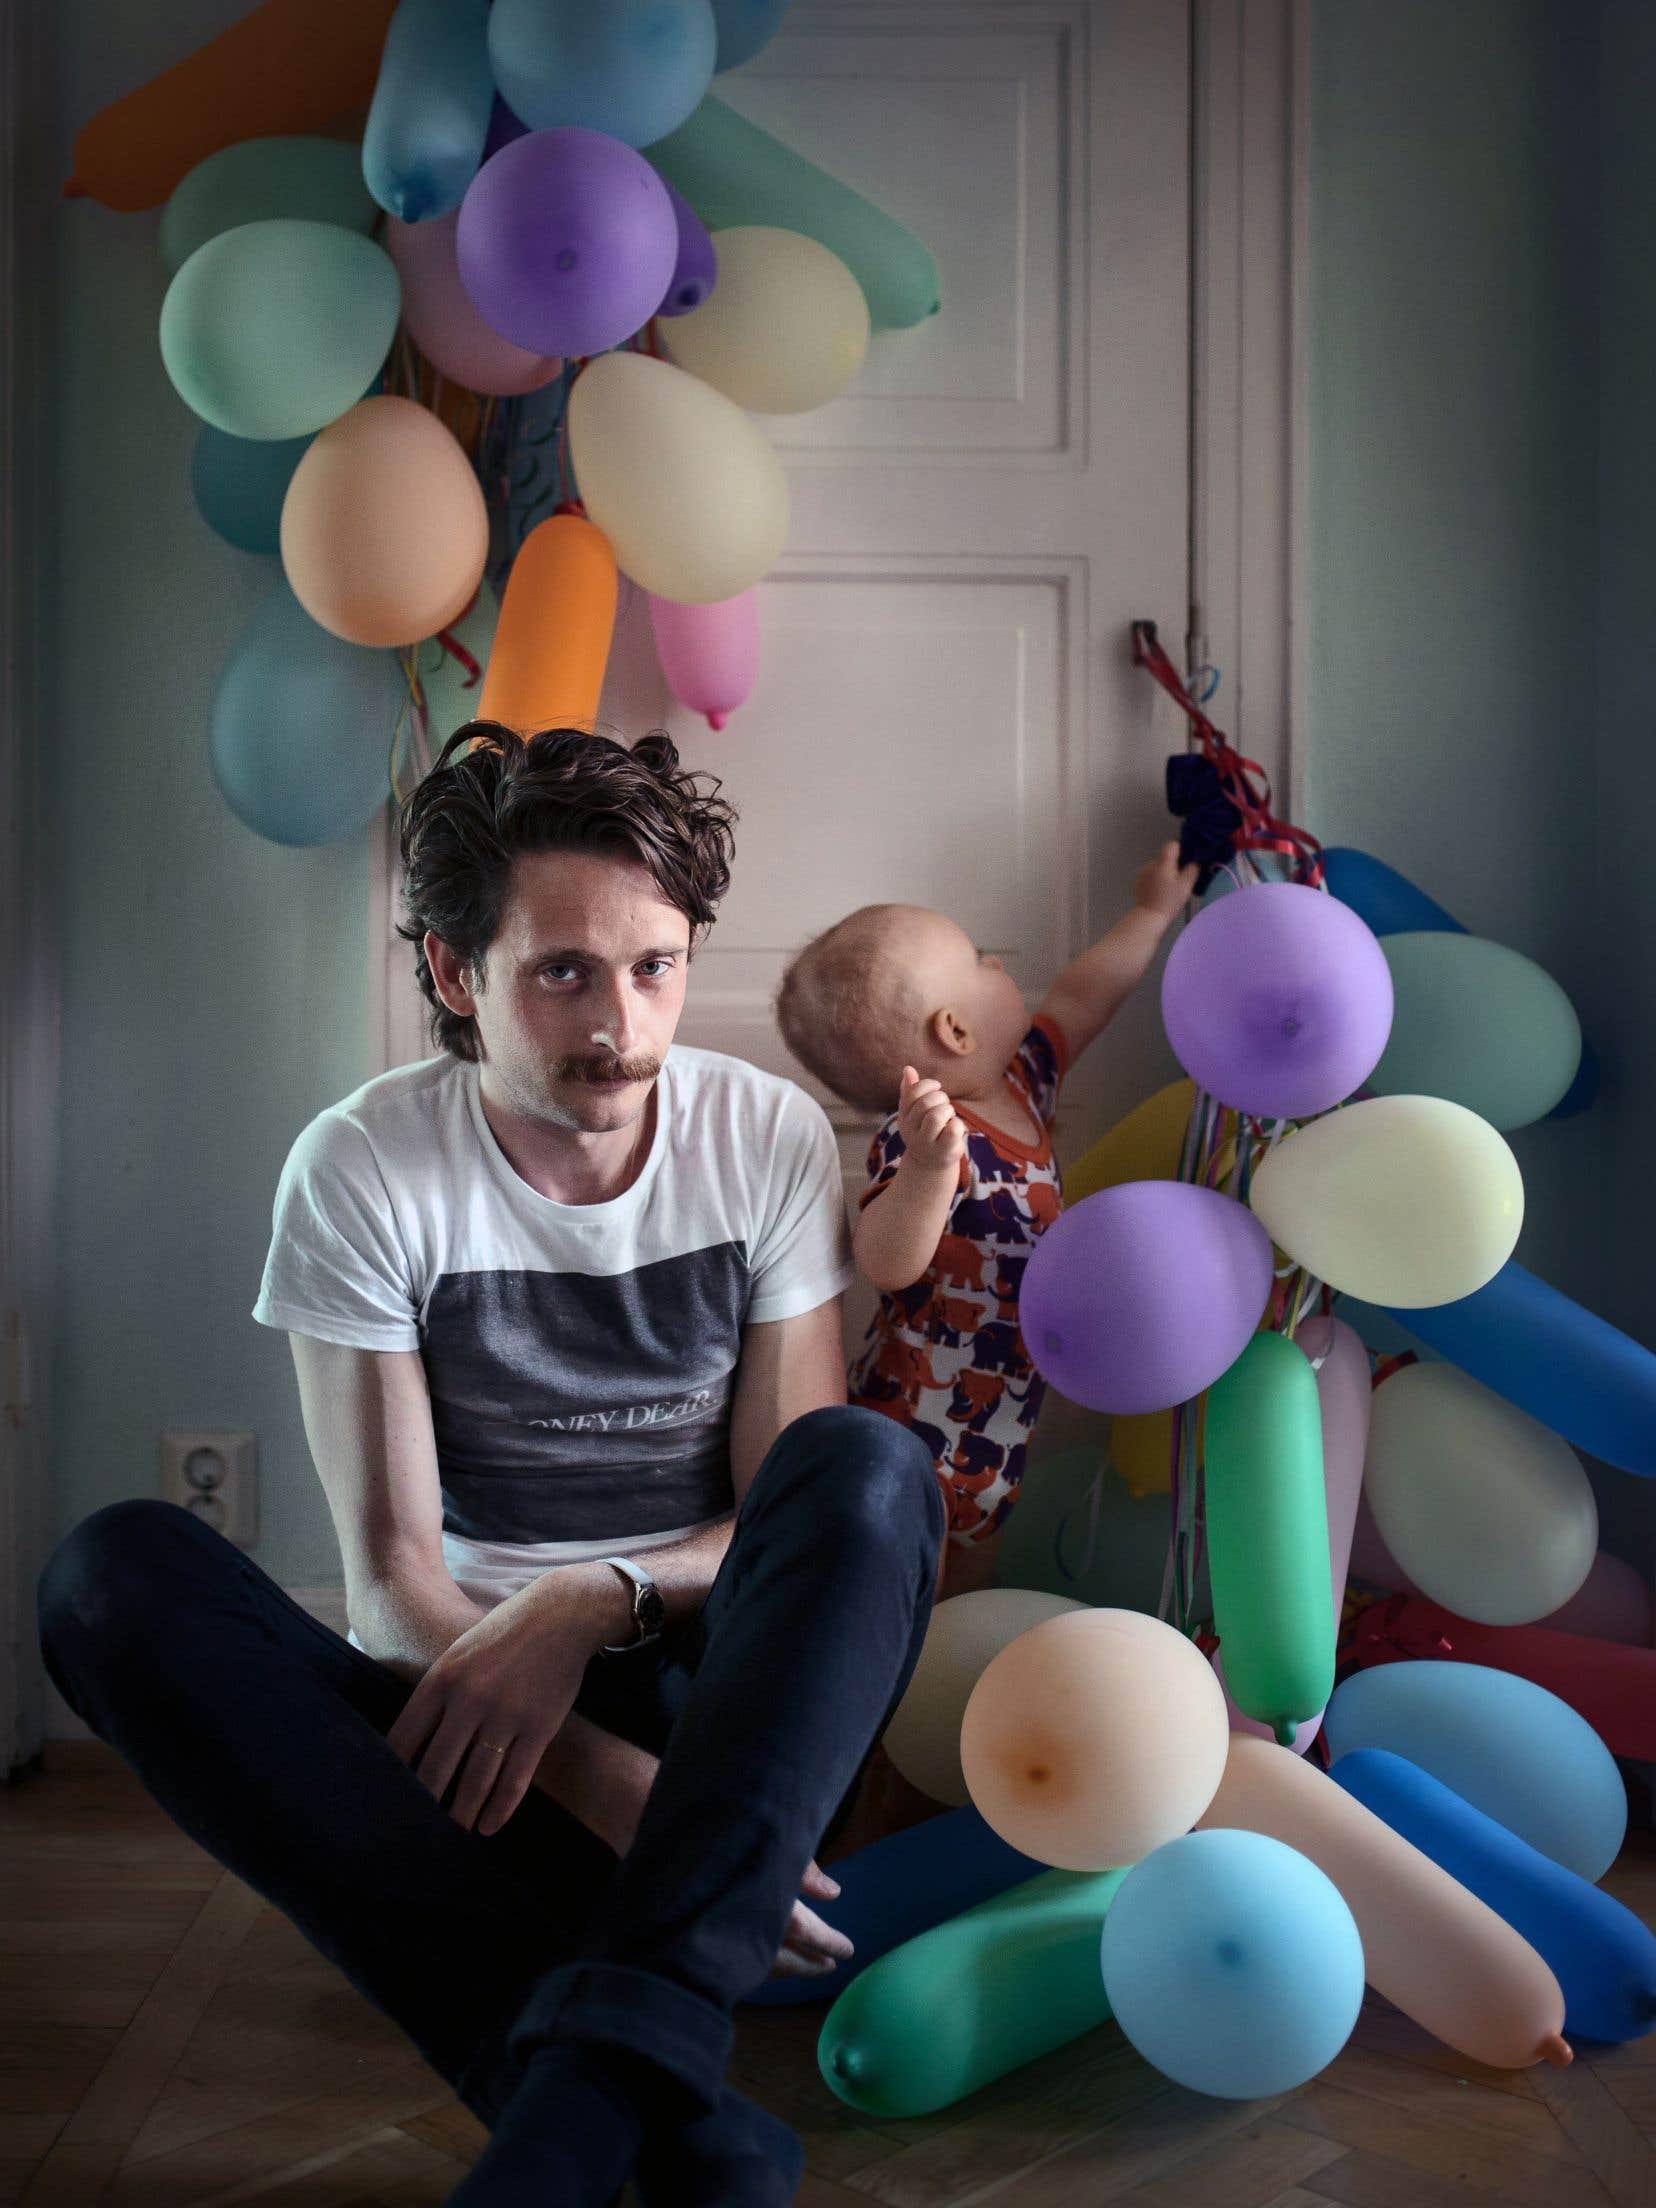 Fredric Janson, un ingénieur de 34 ans, a décidé de prendre un congé parental avec son fils Ossian. Il partage ce congé de façon équitable avec sa conjointe.